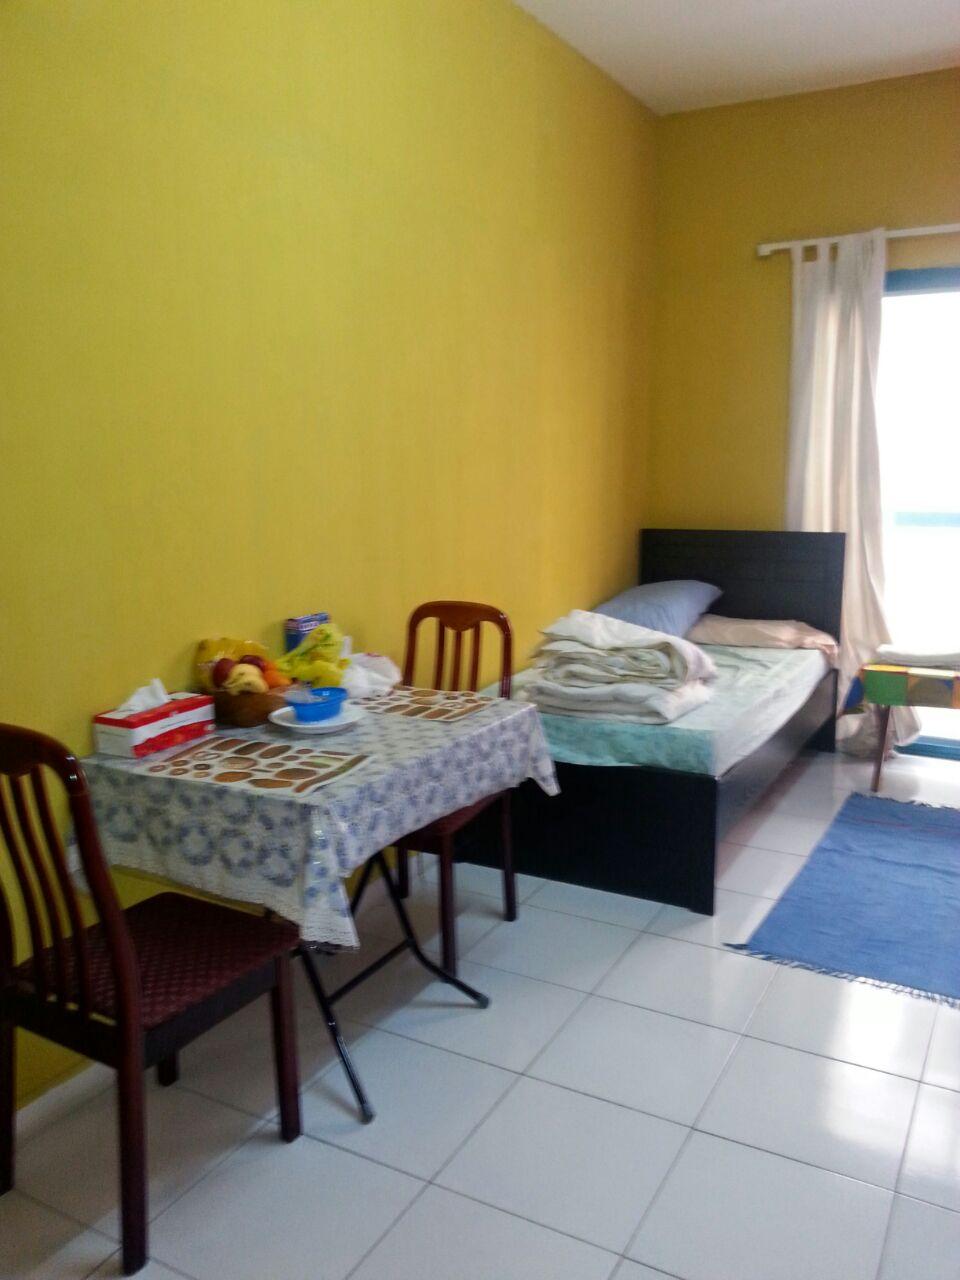 Room for Rent in Al Rigga, Deira